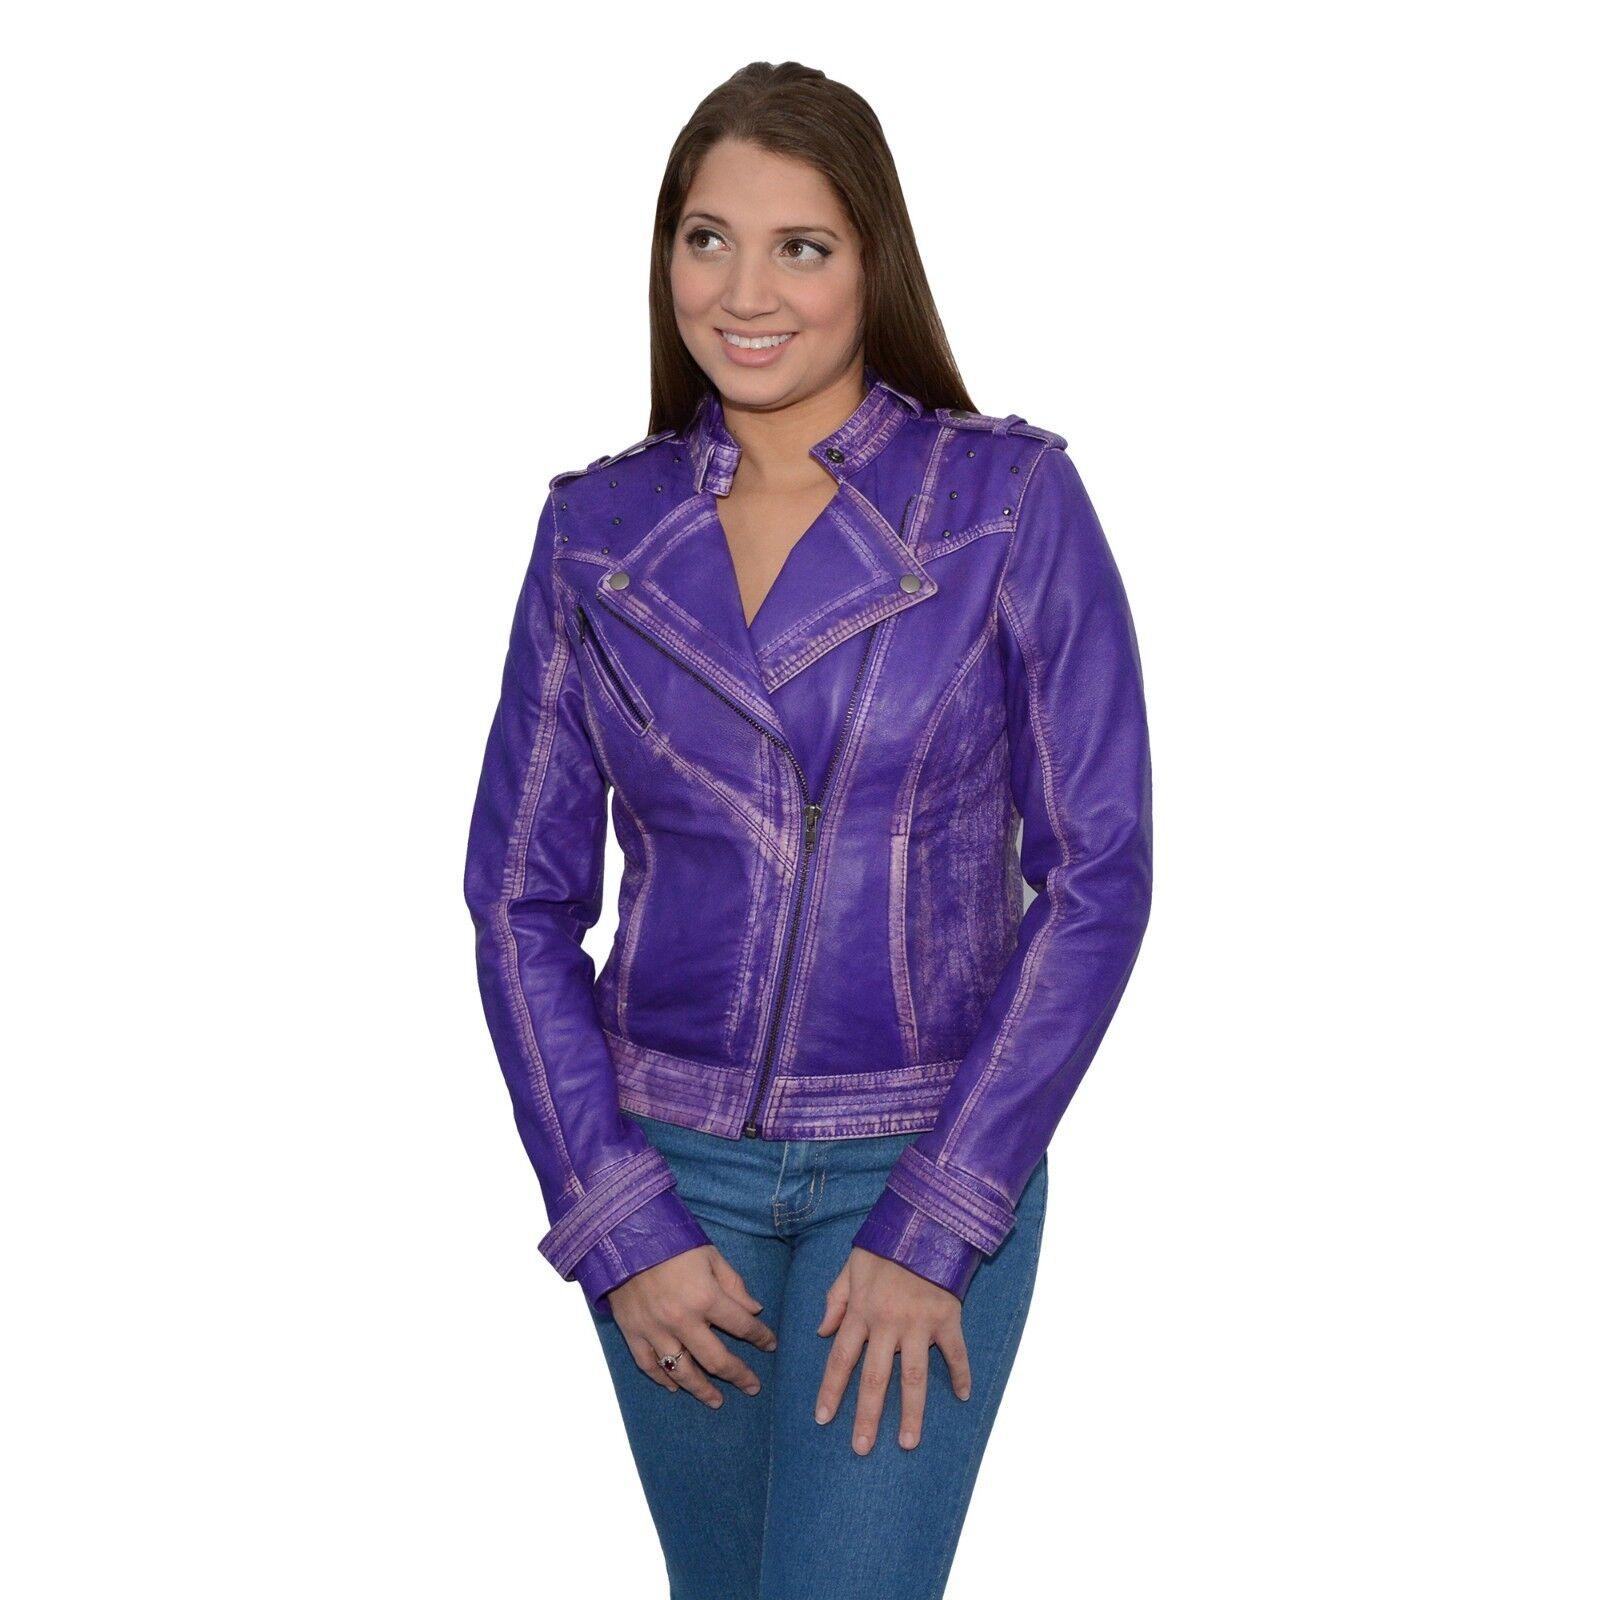 Mujer Chaqueta De Piel De  Cordero Moto asimétrico con tachonando-SFL2840-Púrpura  tienda en linea